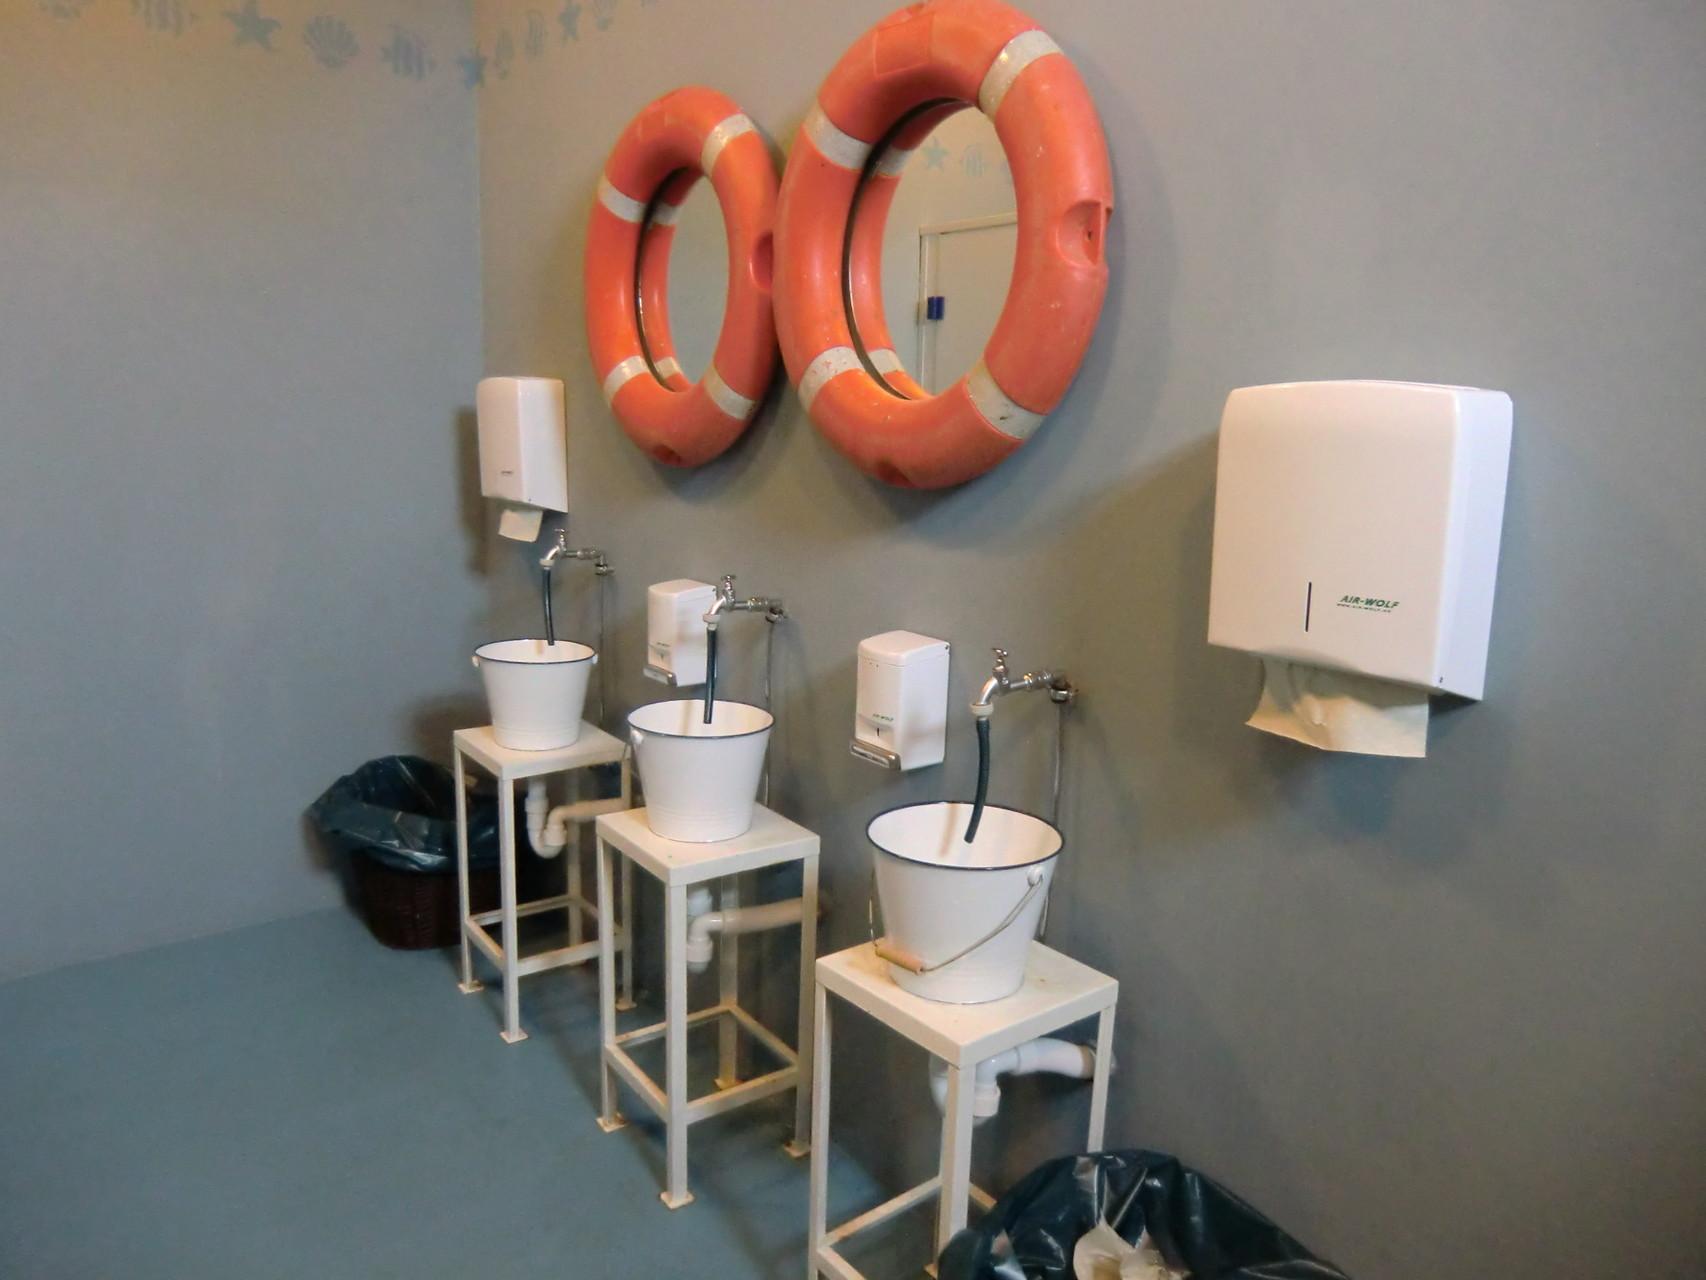 die maritime Toilette im Pier 7 fand ich auch mal sehenswert